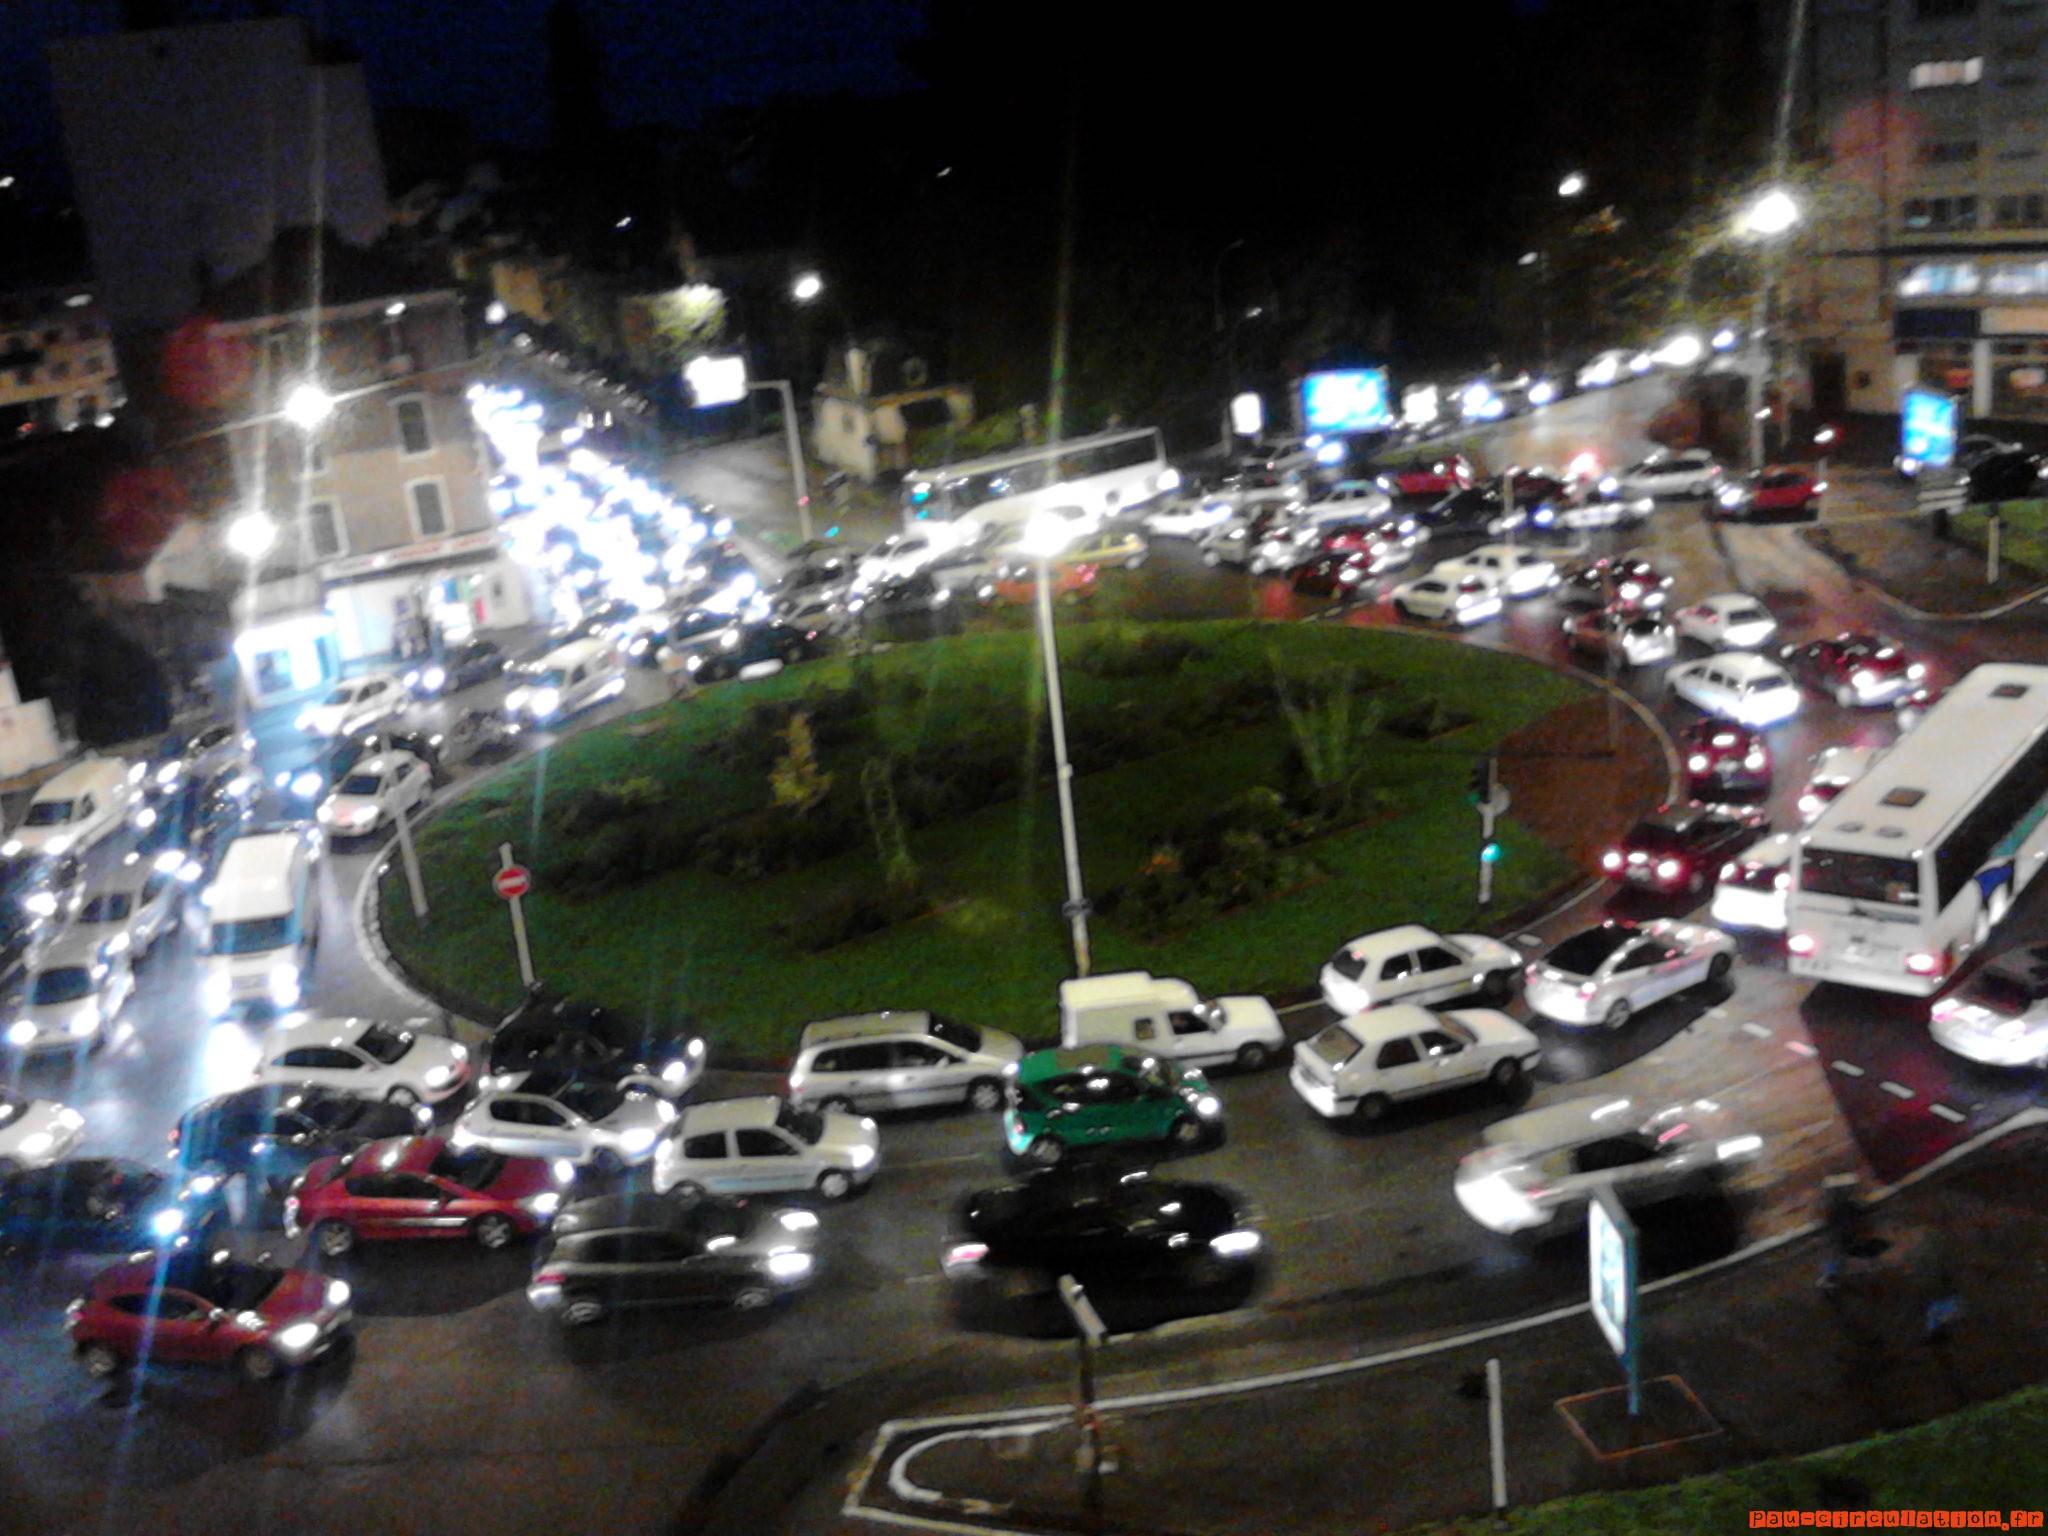 Perturbations de trafic sur le rond-point de la foire expo